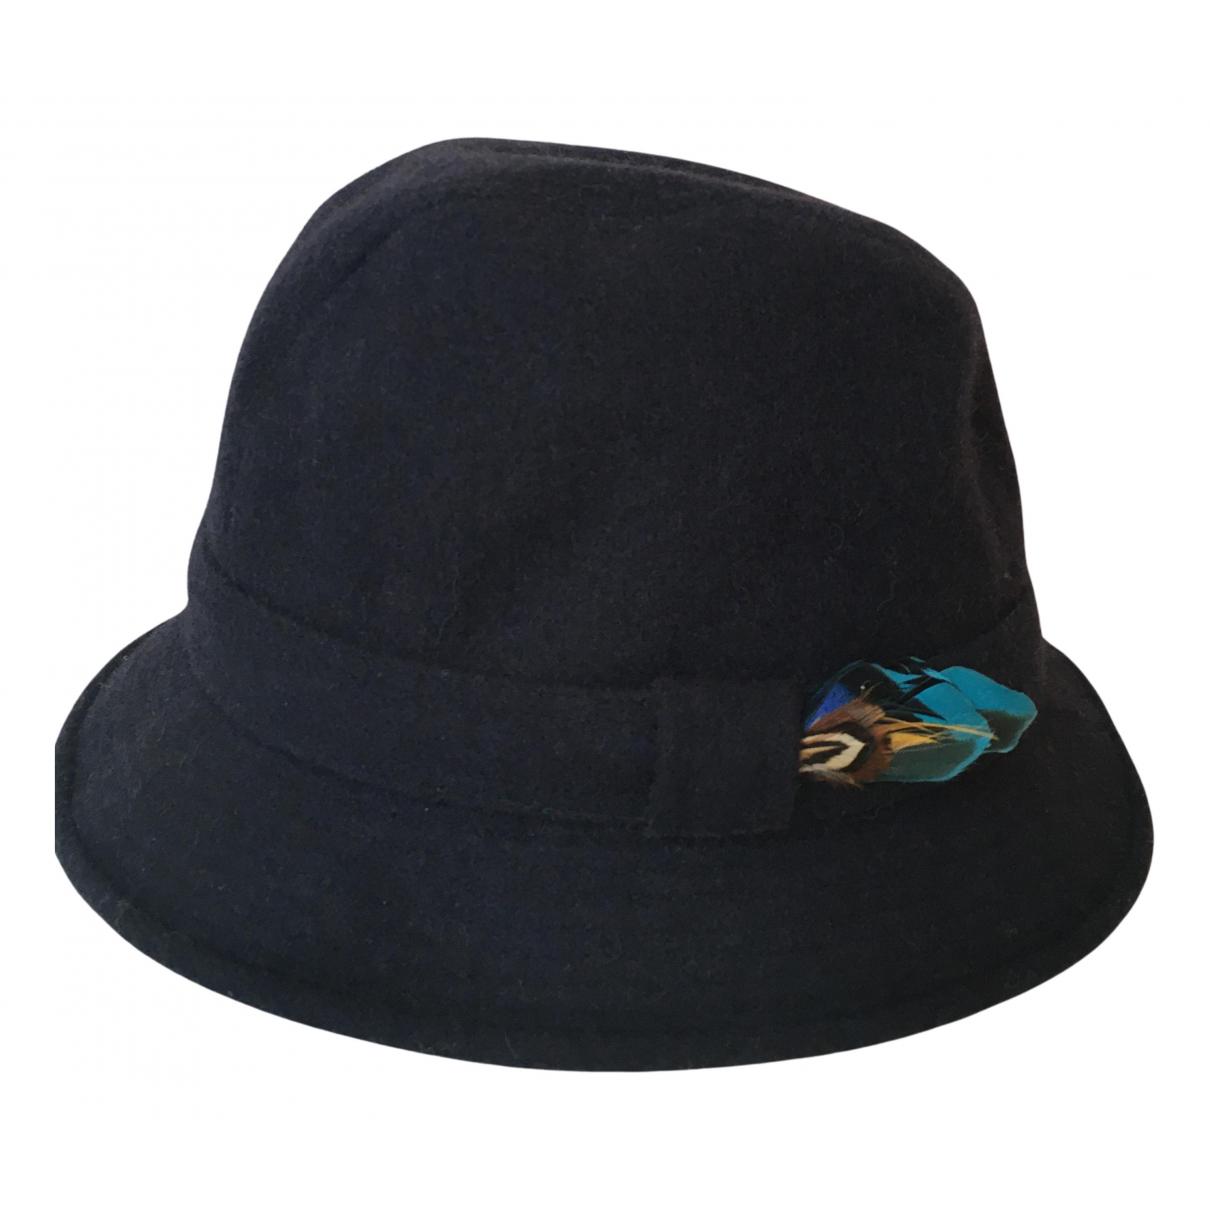 Sombrero / gorro de Lana Non Signe / Unsigned